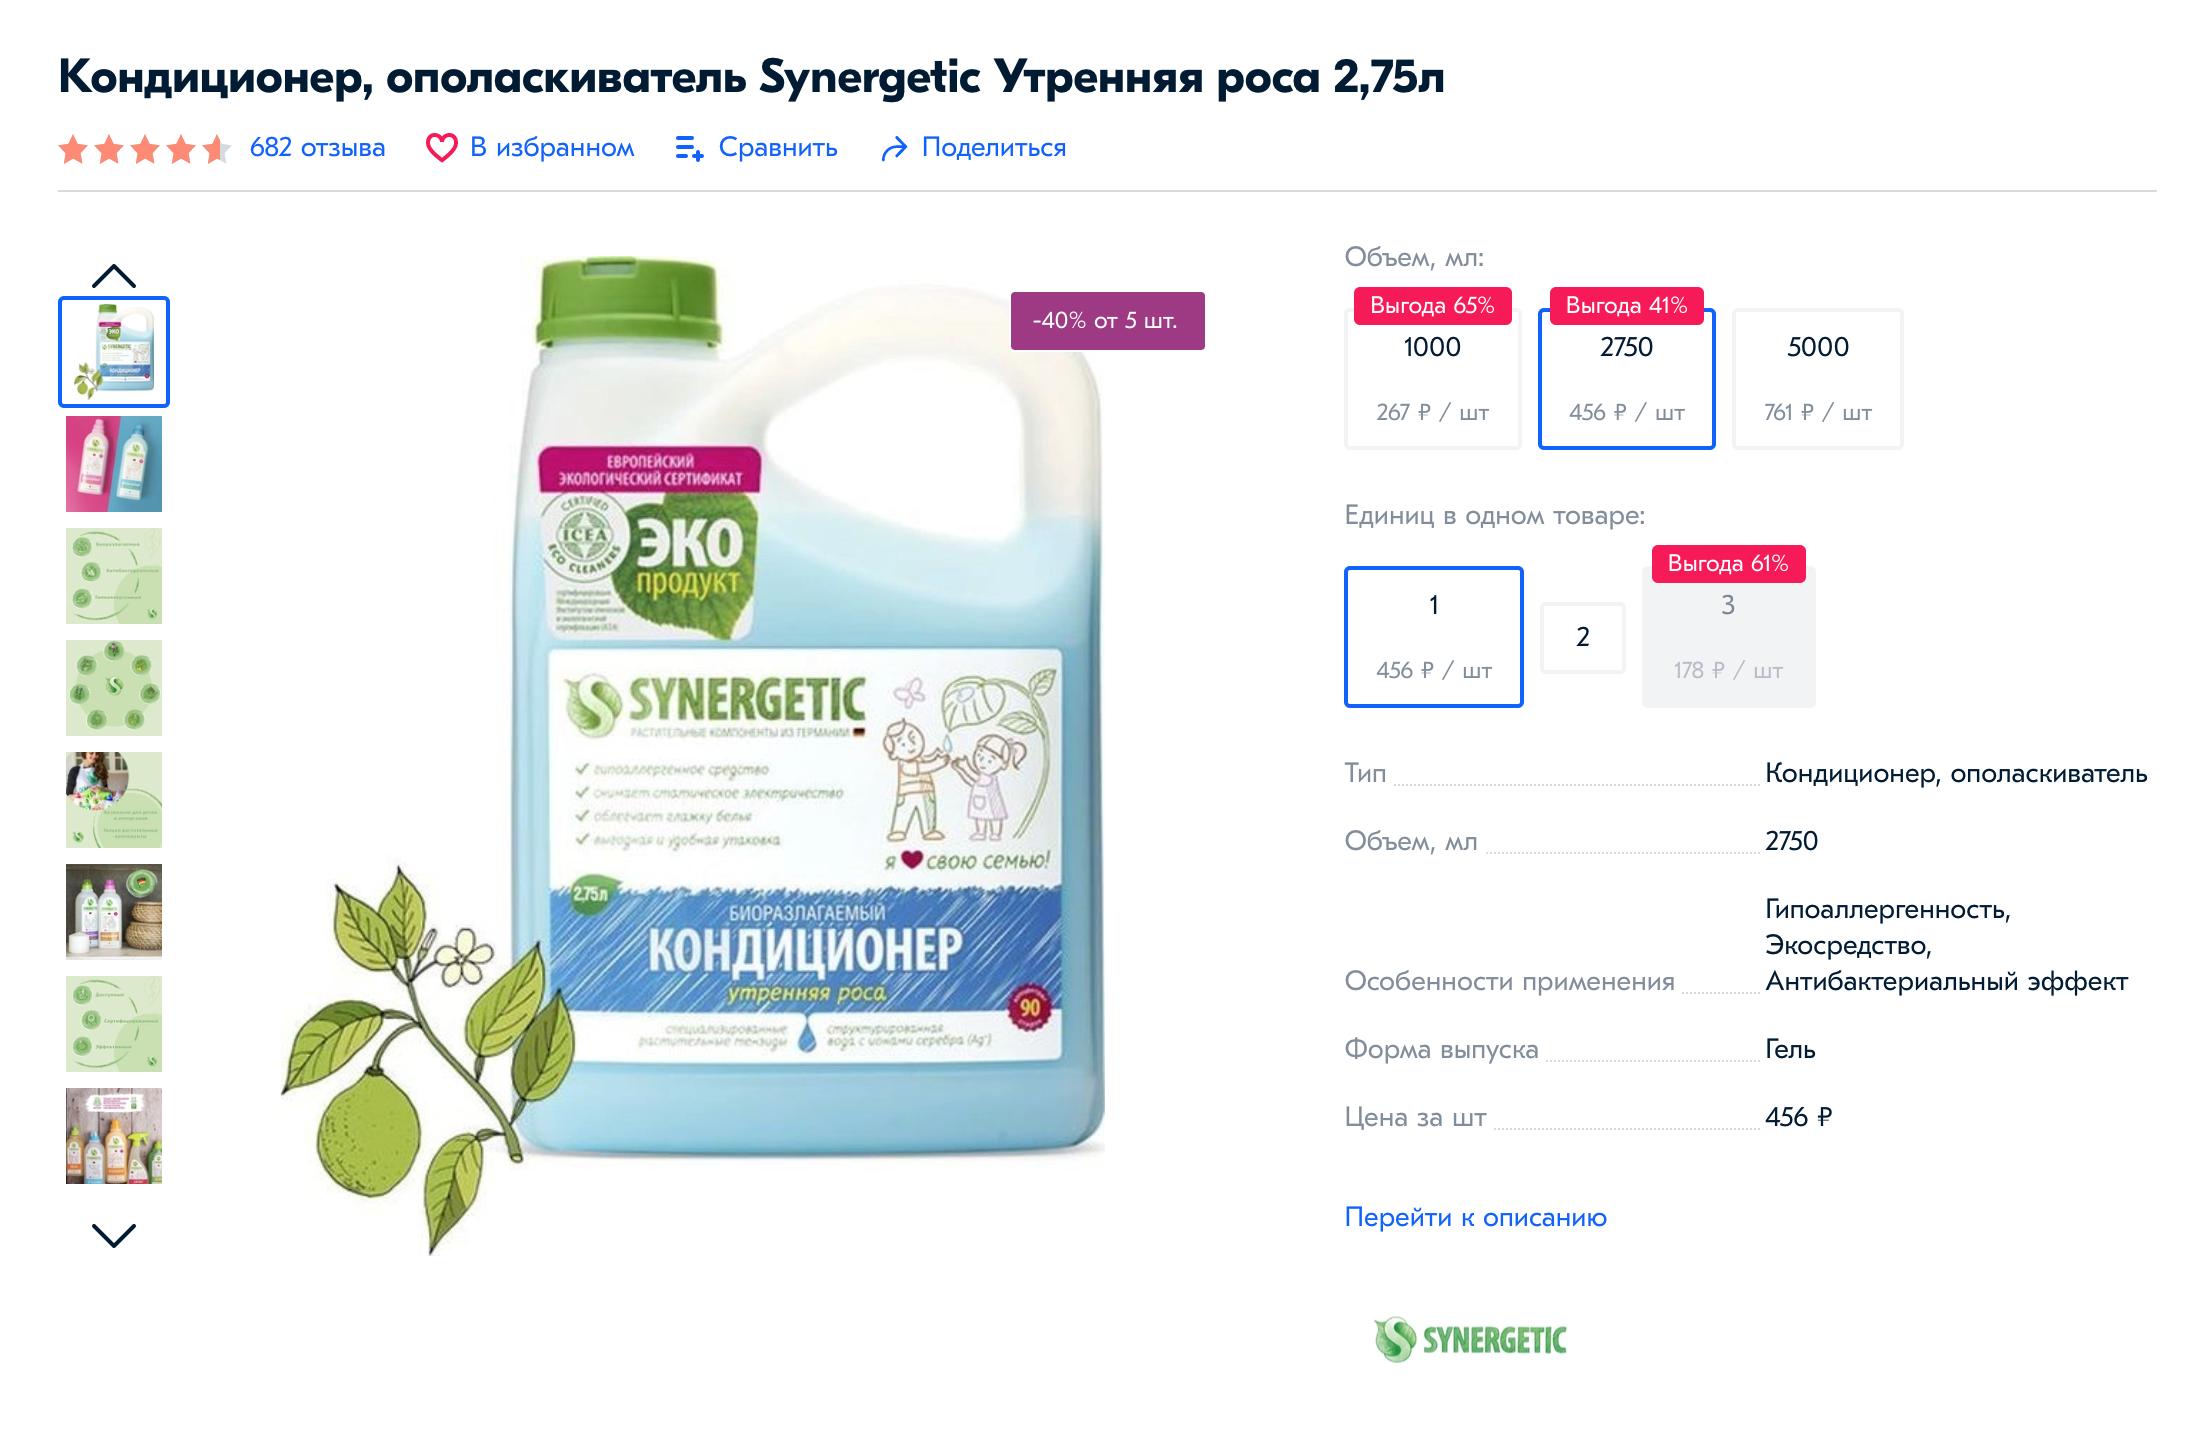 Бытовая химия по акции на «Озоне» в больших упаковках — мой способ экономии. Беру, если пробовала средство и оно оправдало ожидания